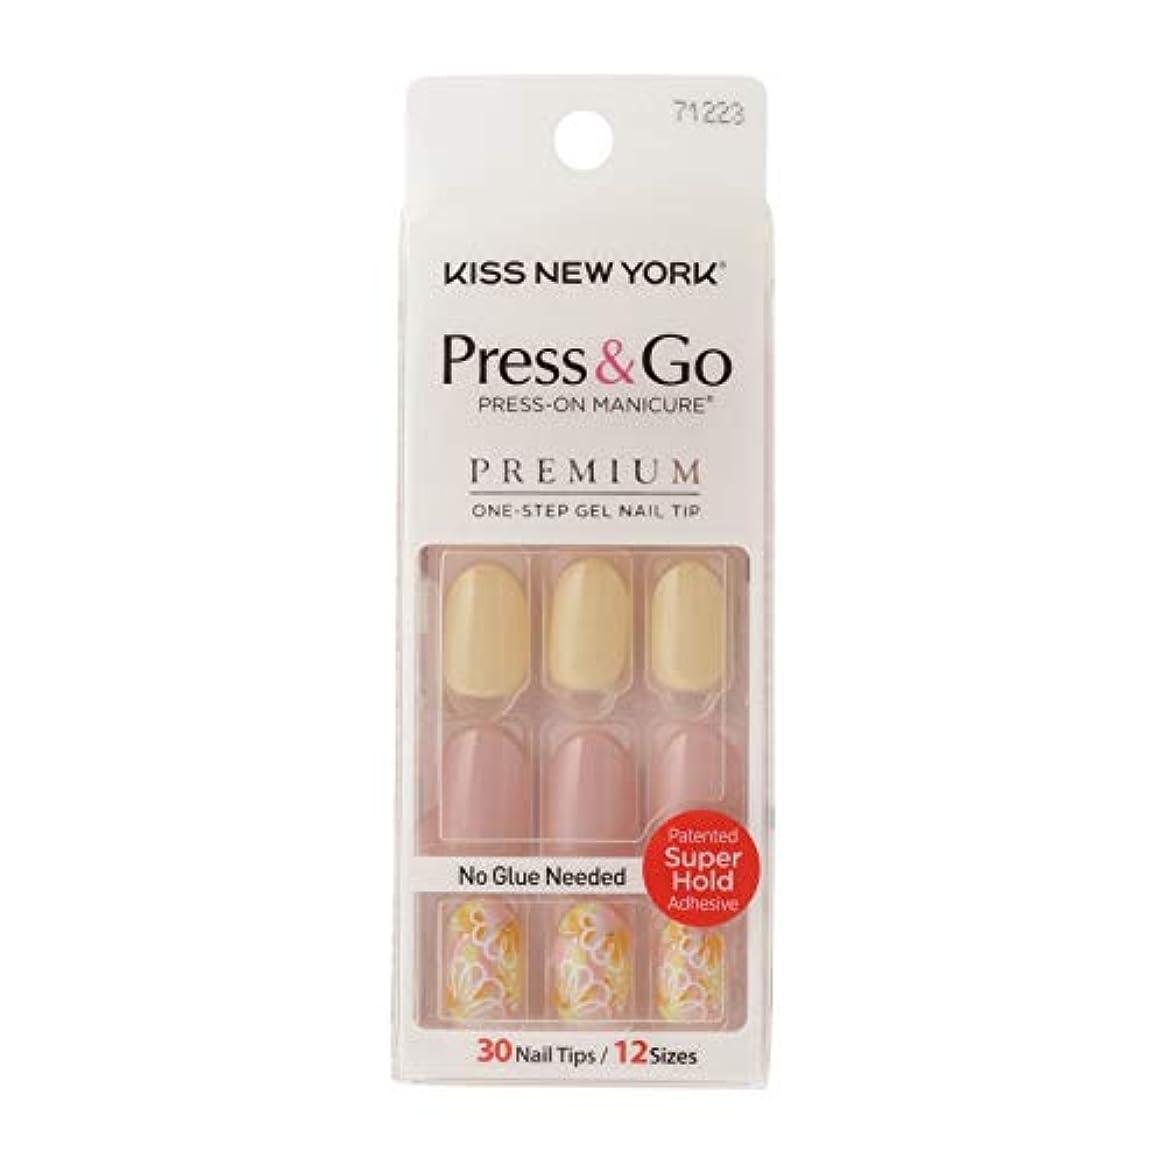 望みダーツ嵐キスニューヨーク (KISS NEW YORK) KISS NEWYORK ネイルチップPress&Go BHJ33J 19g